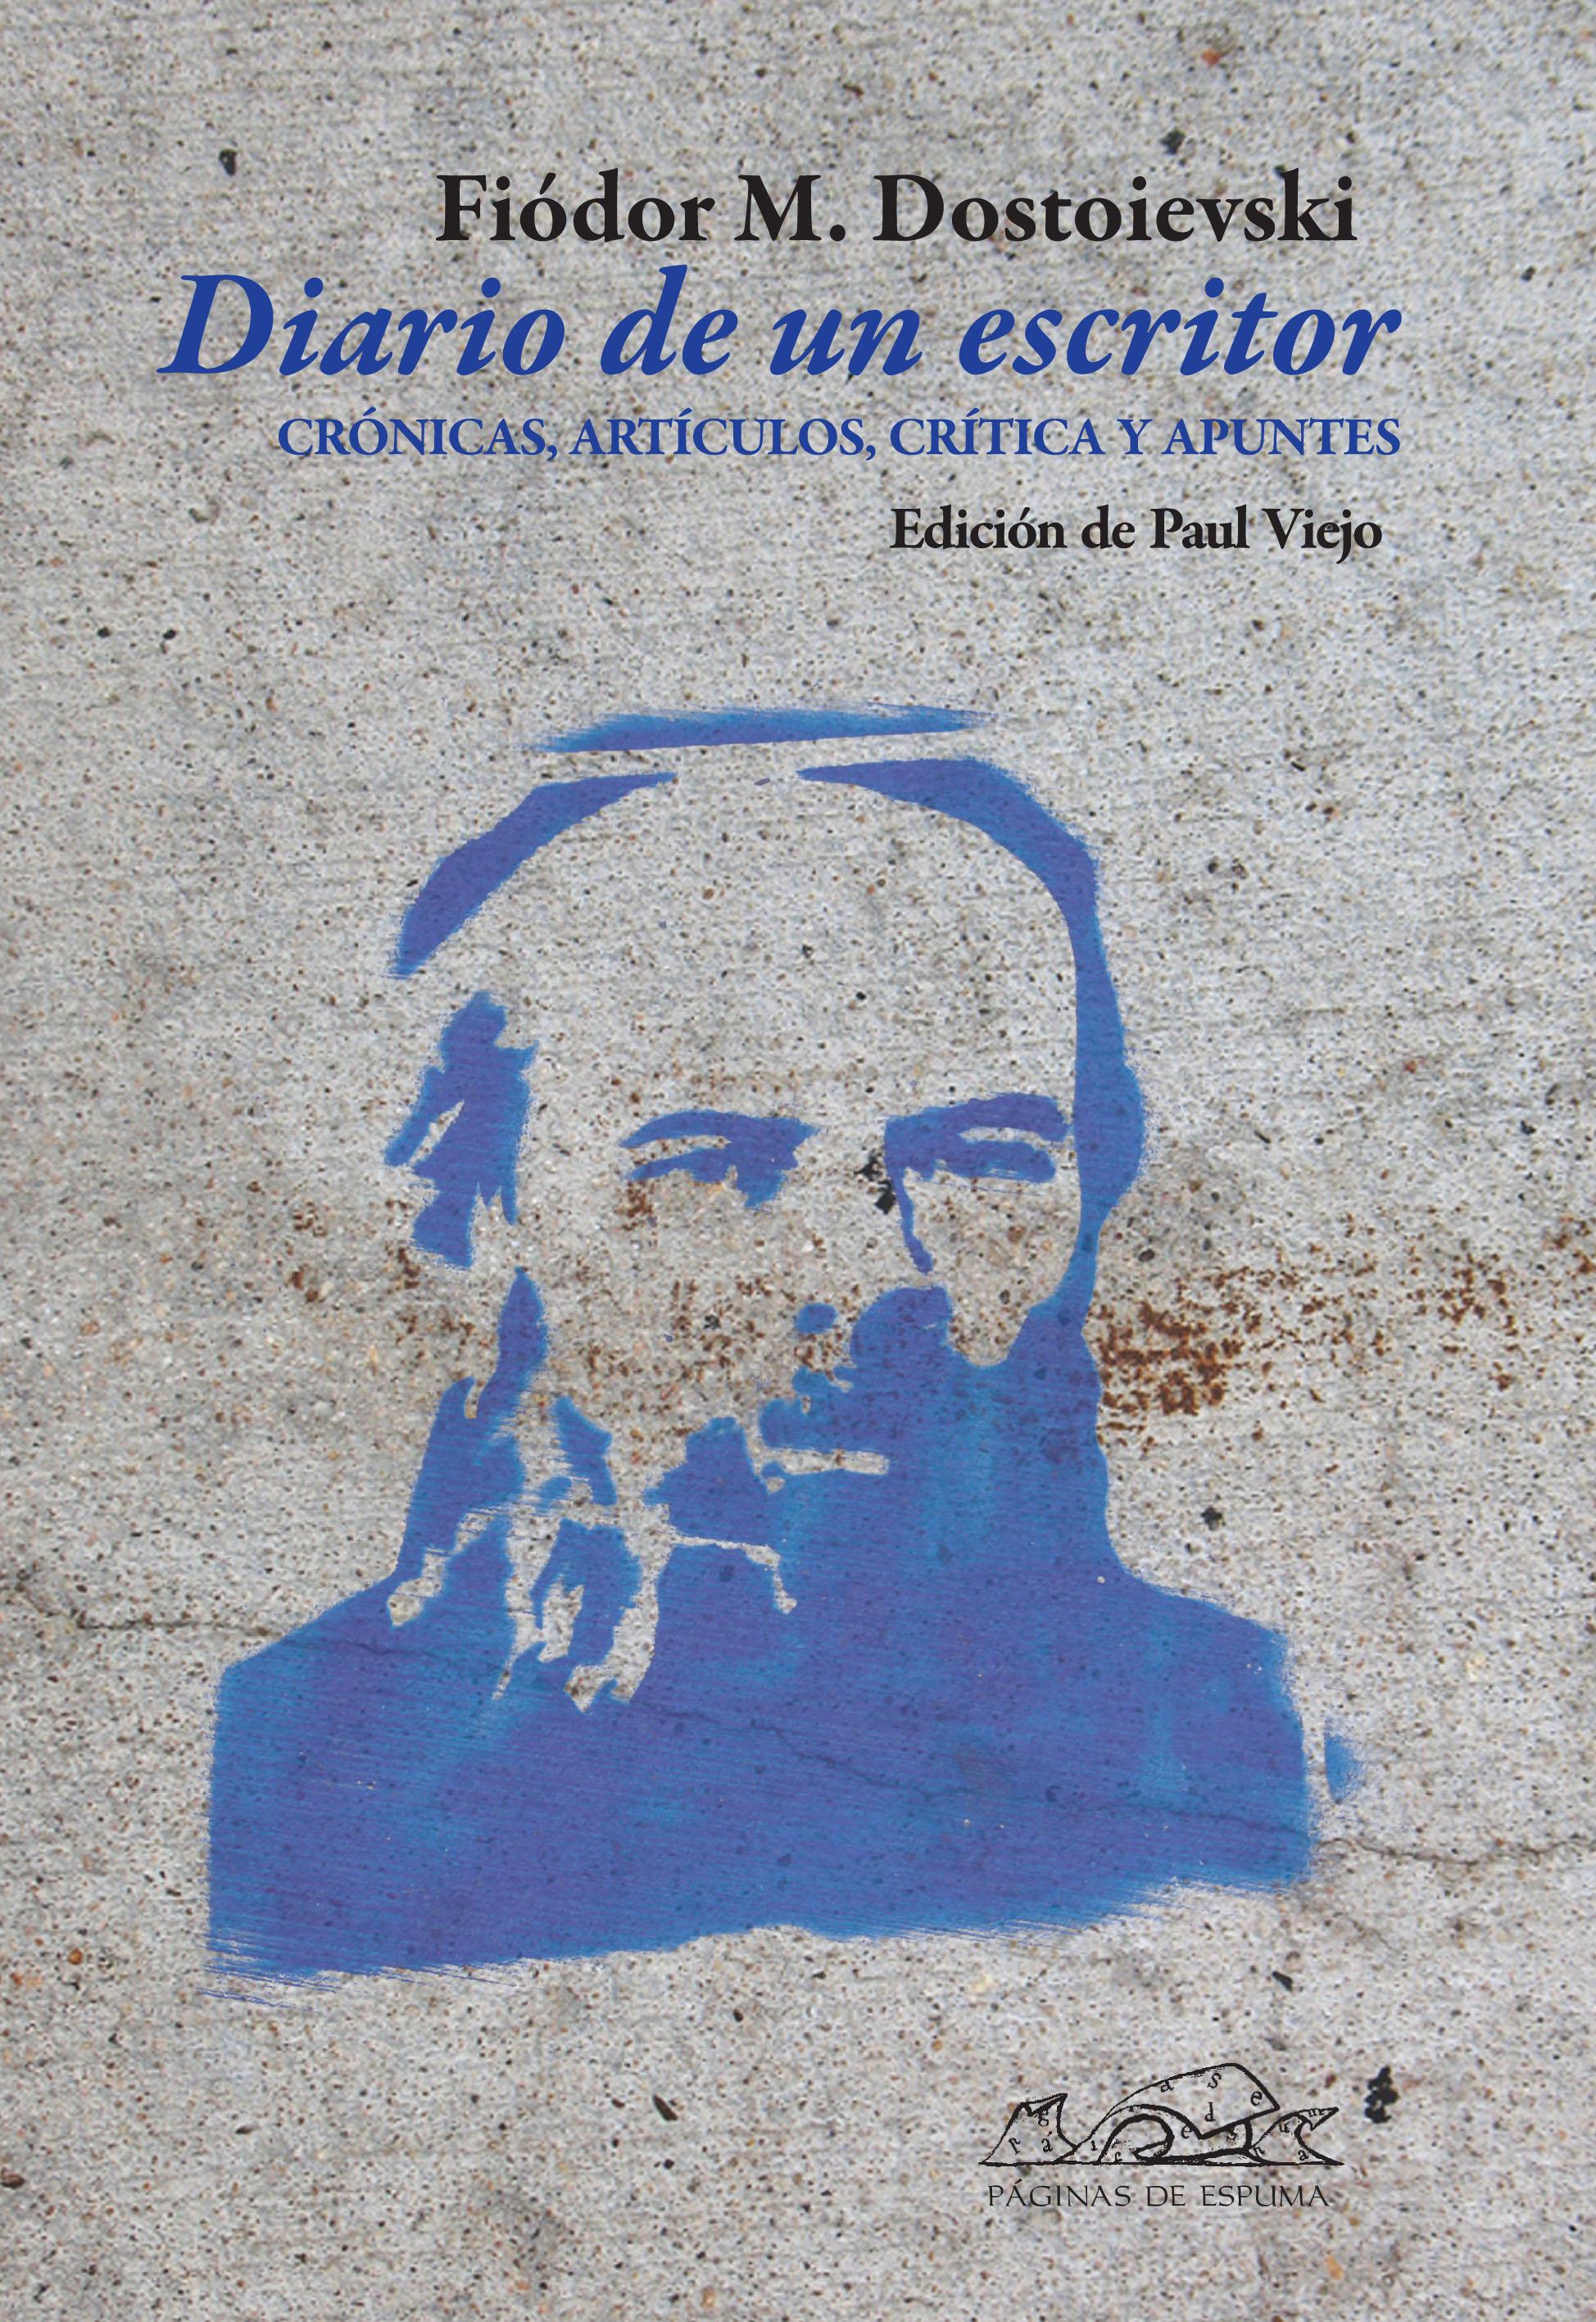 Diario de un escritor - Editorial Páginas de Espuma